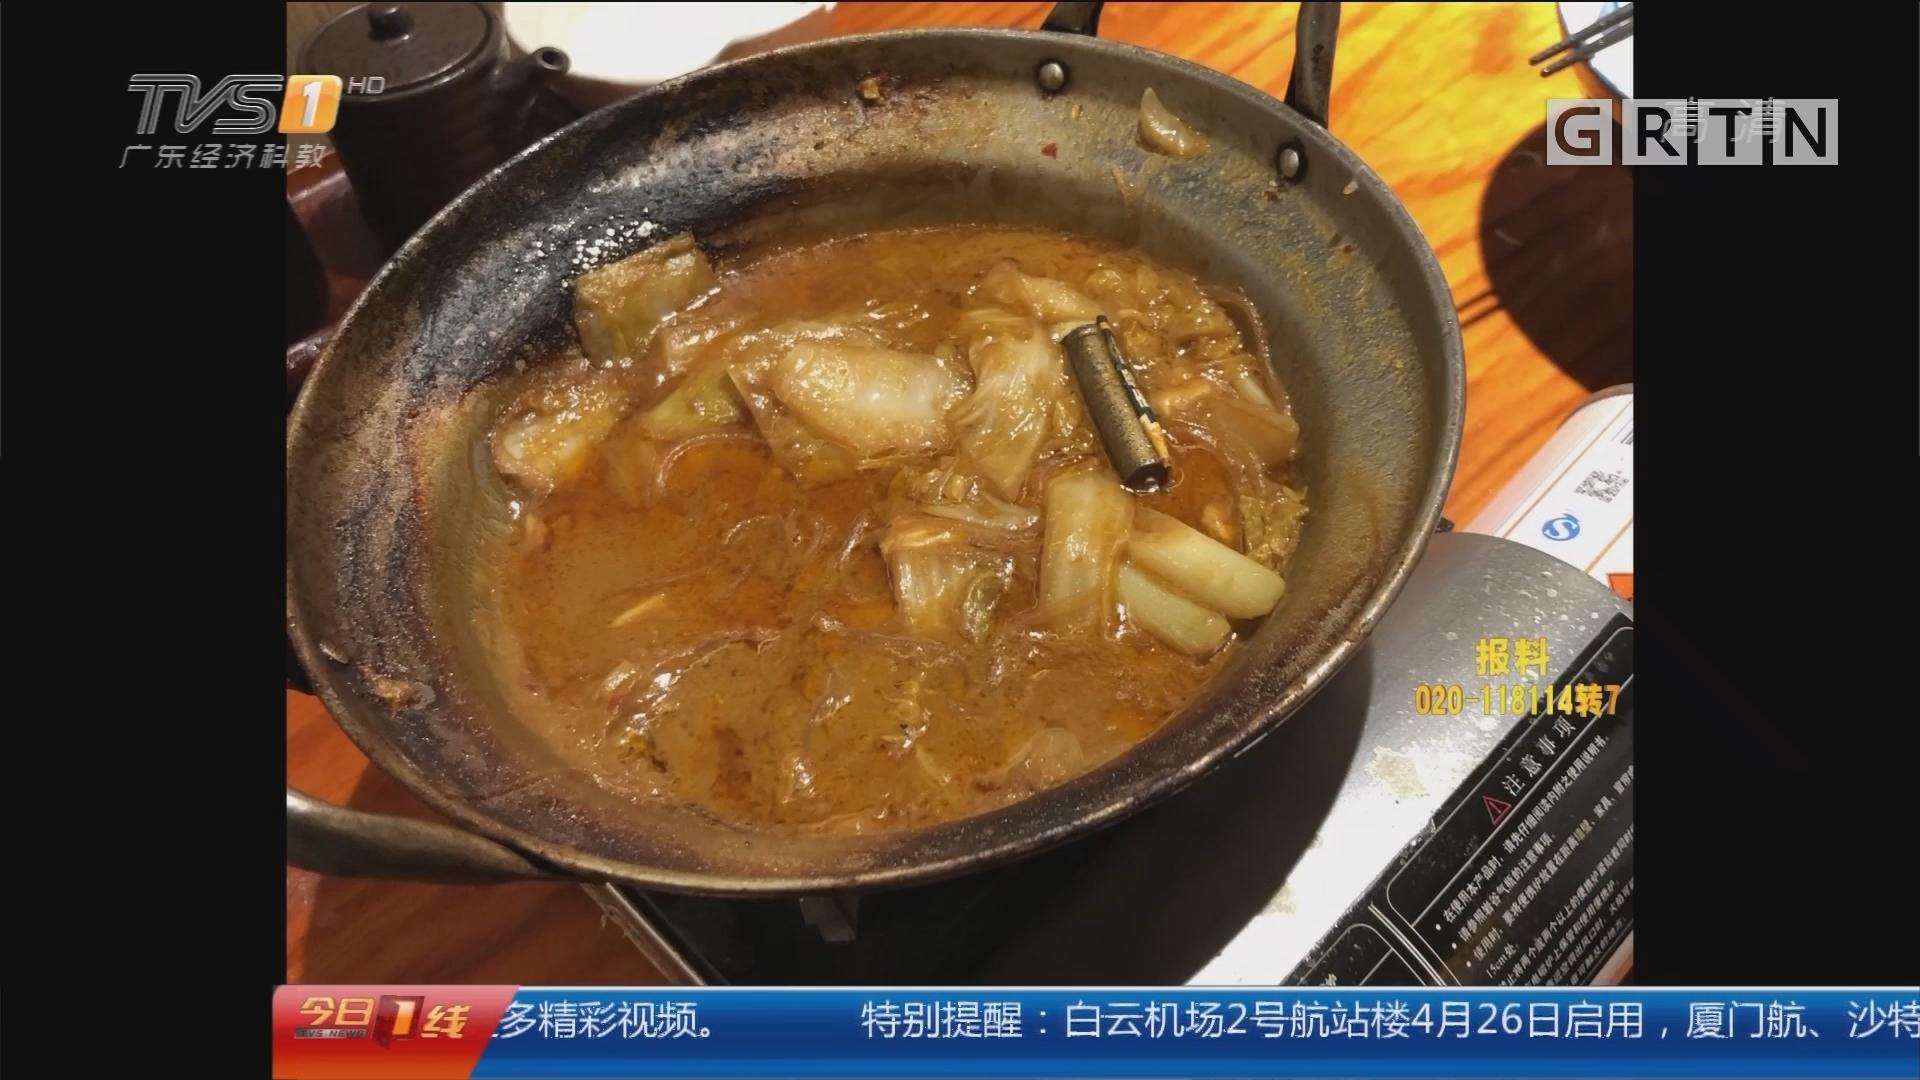 深圳:吃火锅竟捞出电池 哪来的?